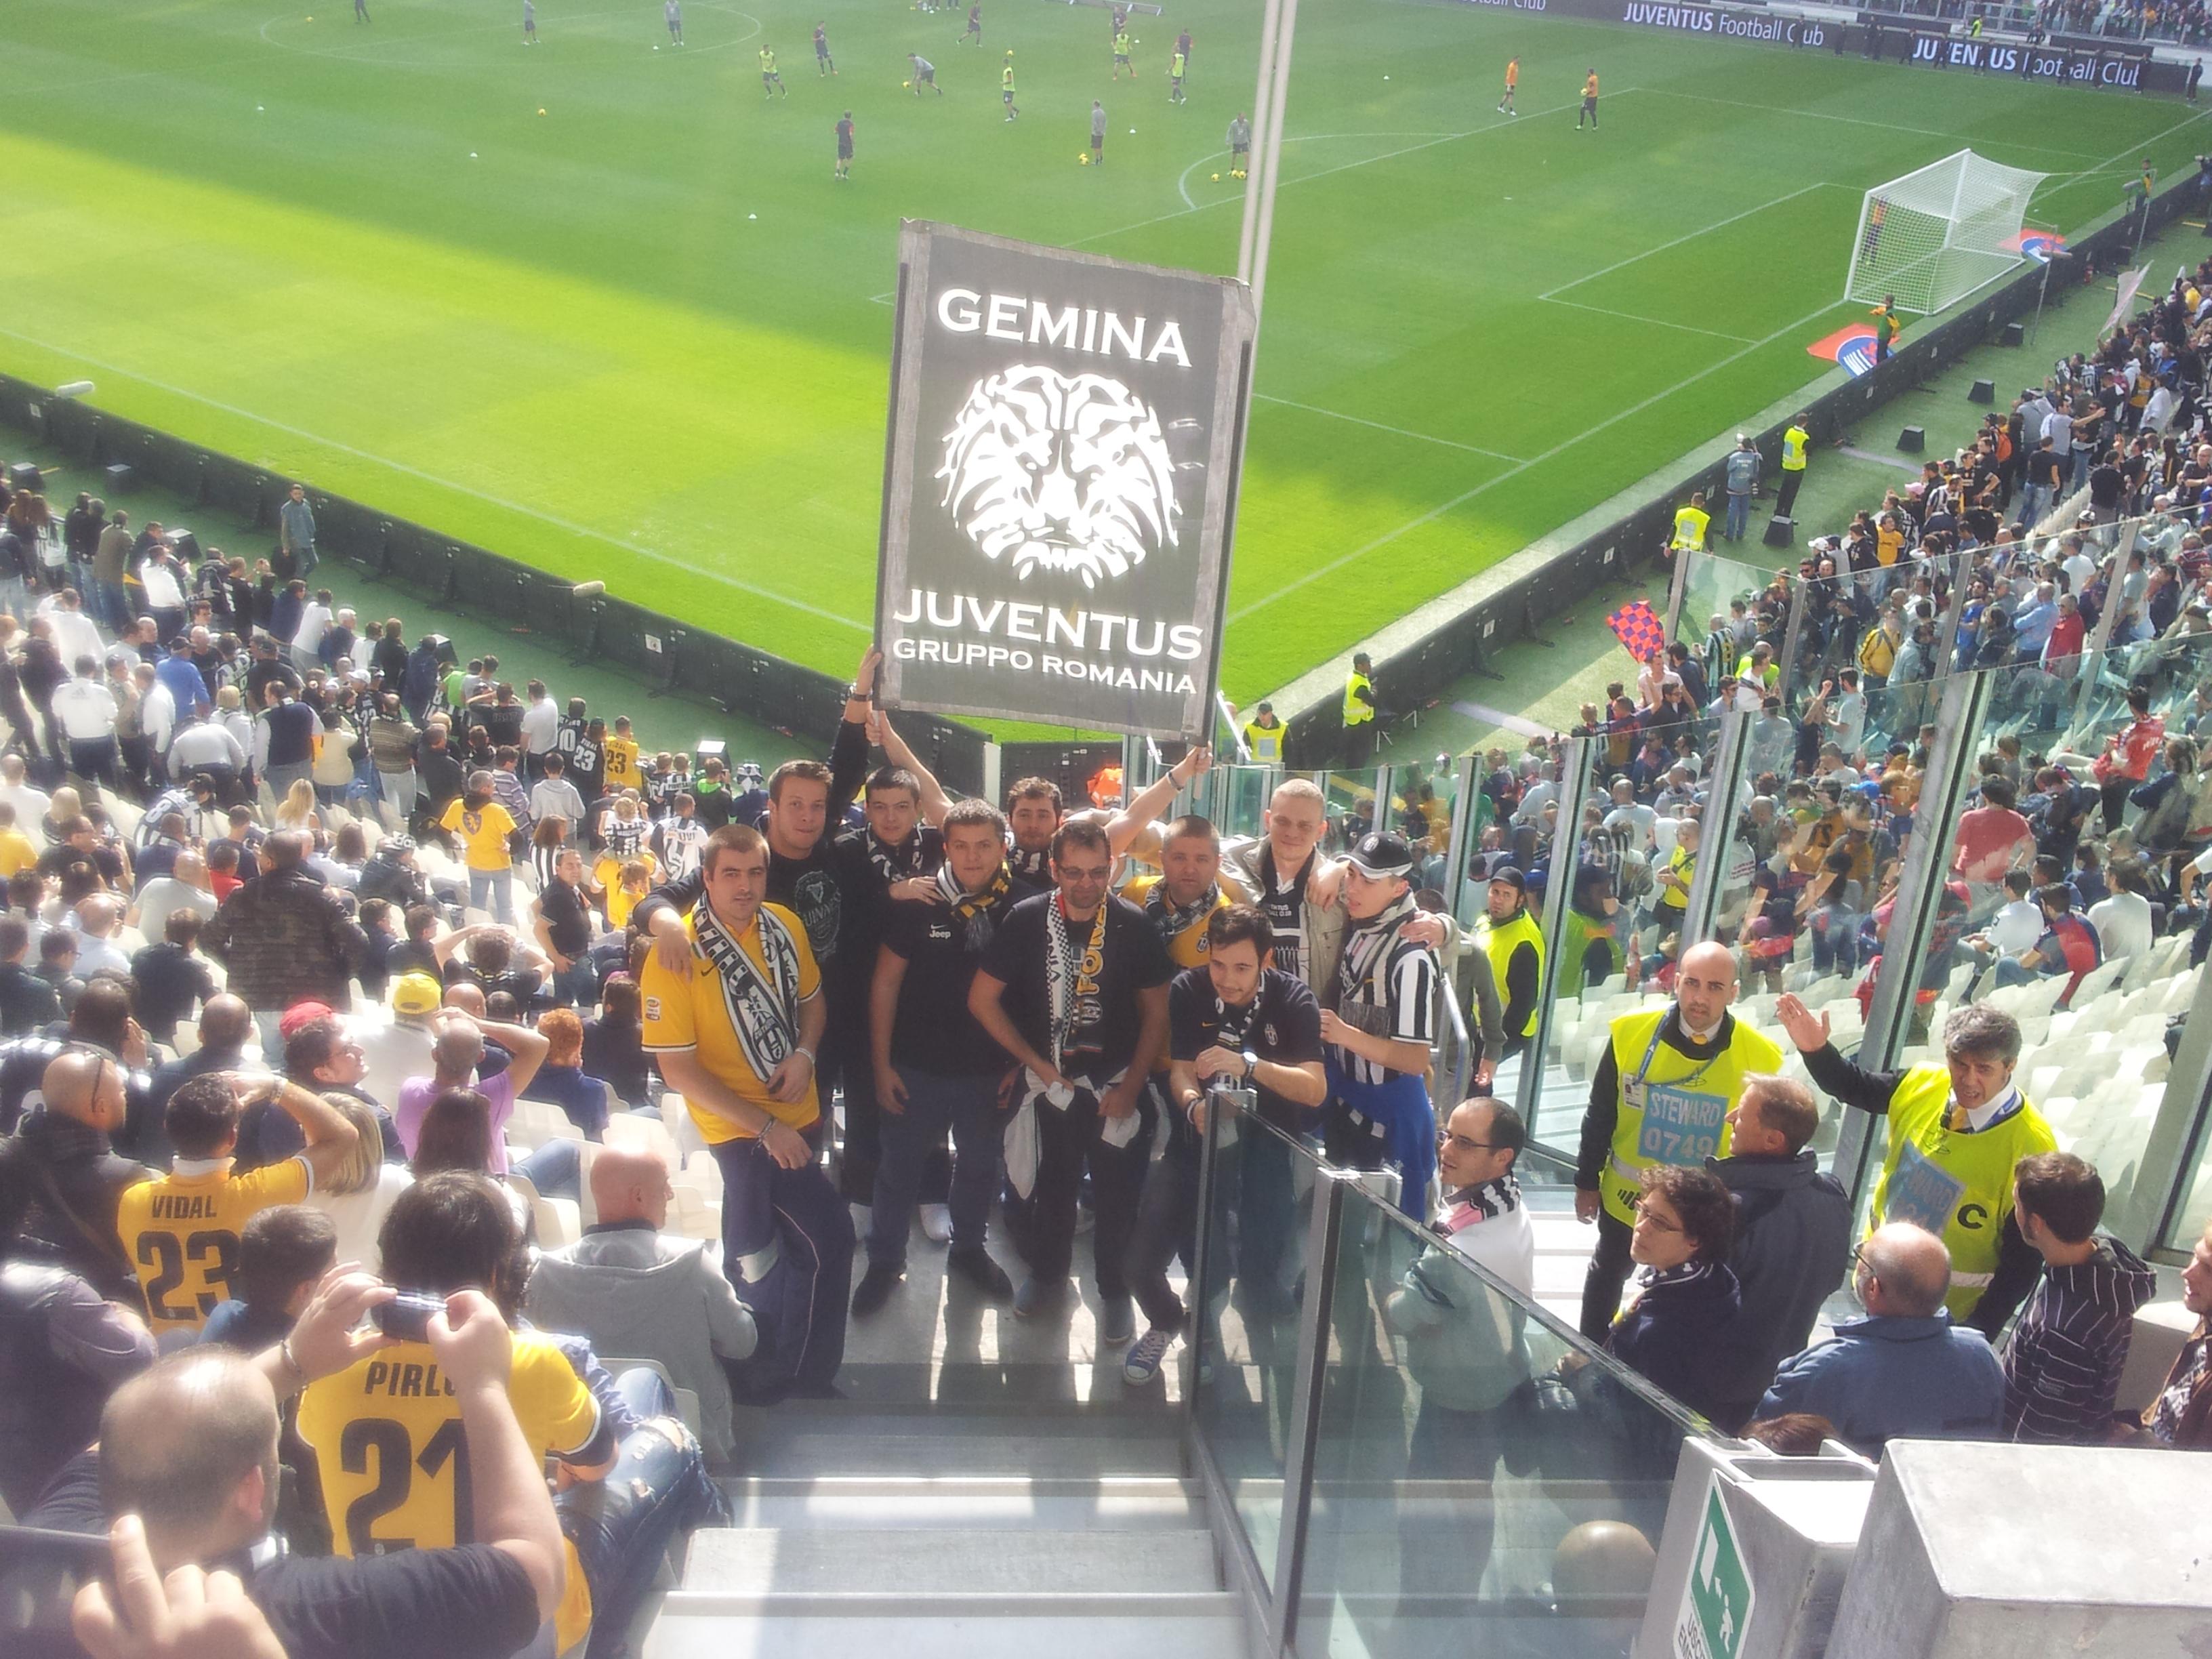 Juventus Club DOC Gemina